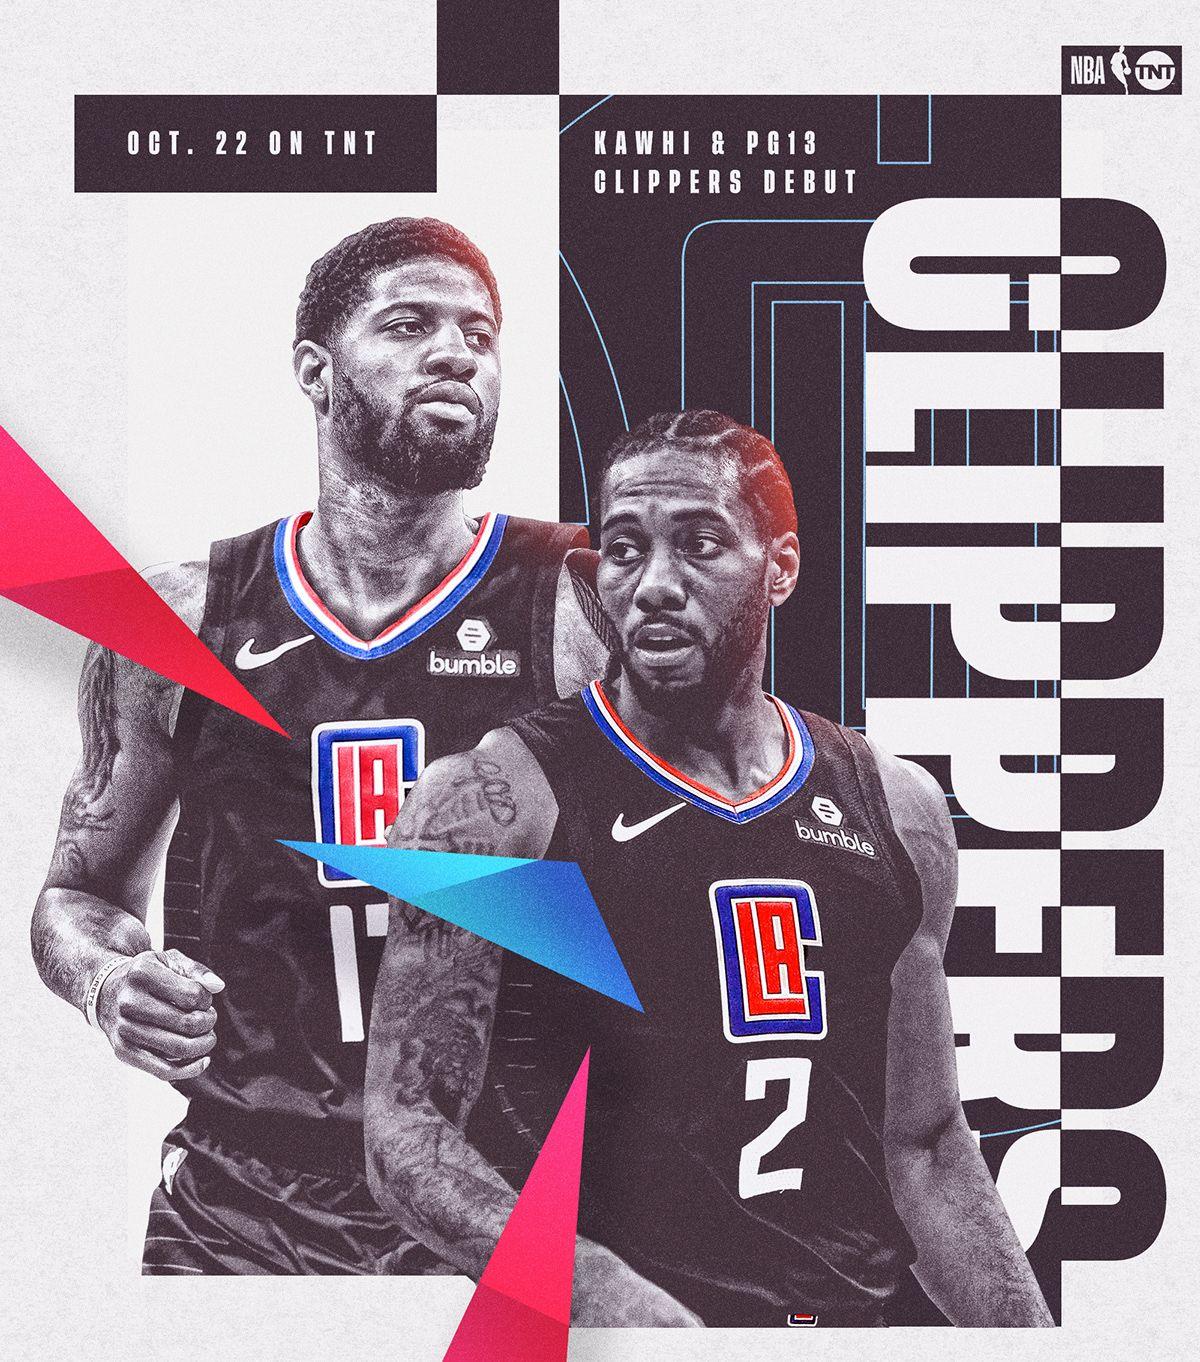 201920 NBA Schedule Release (NBA on TNT) on Behance Nba